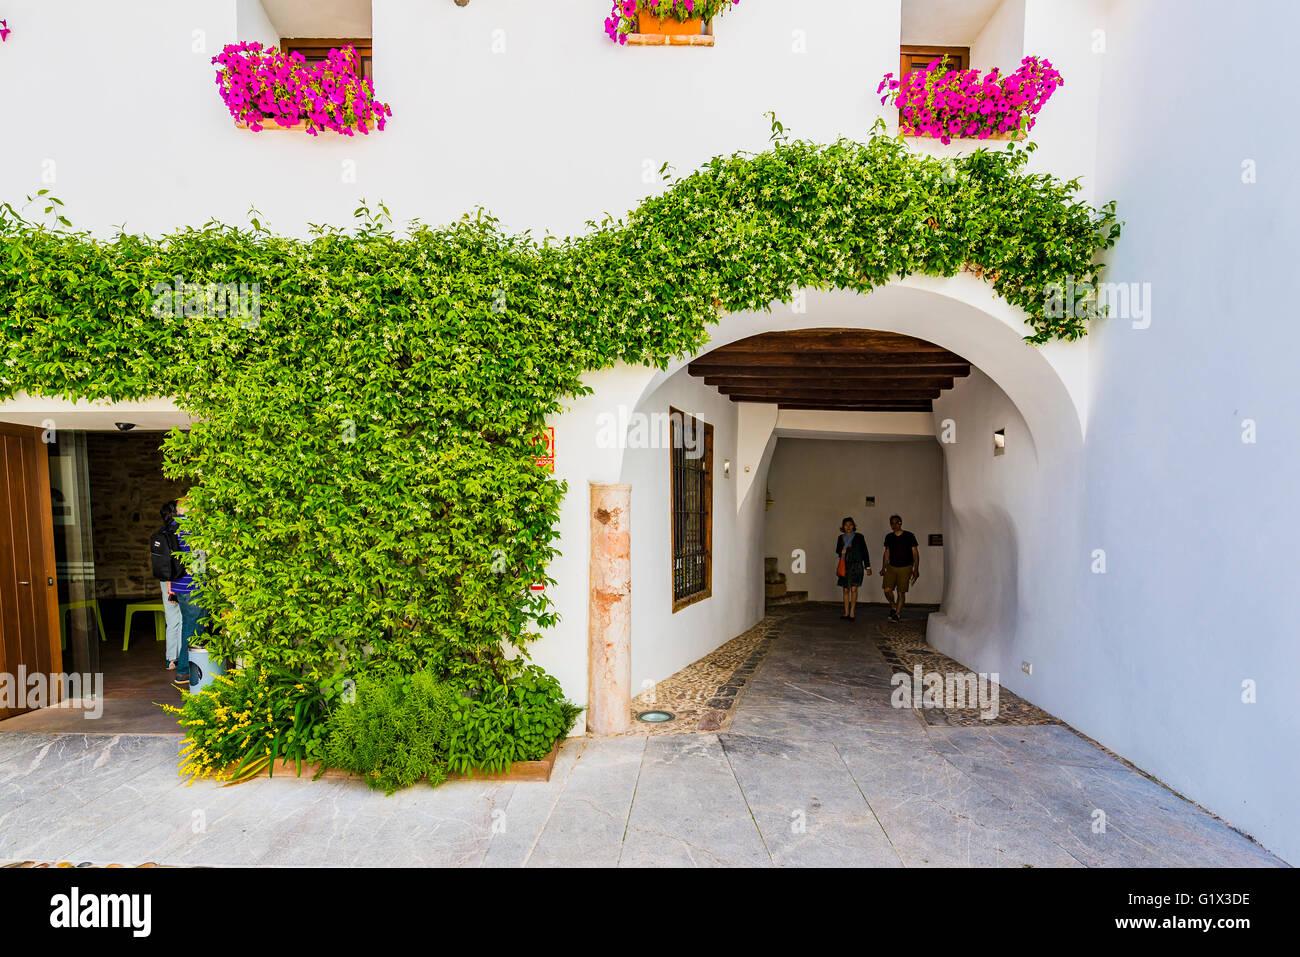 Casa araba, Casa Árabe, è un pubblico spagnolo istituzione creata nel 2006 con lo scopo di essere un centro Immagini Stock